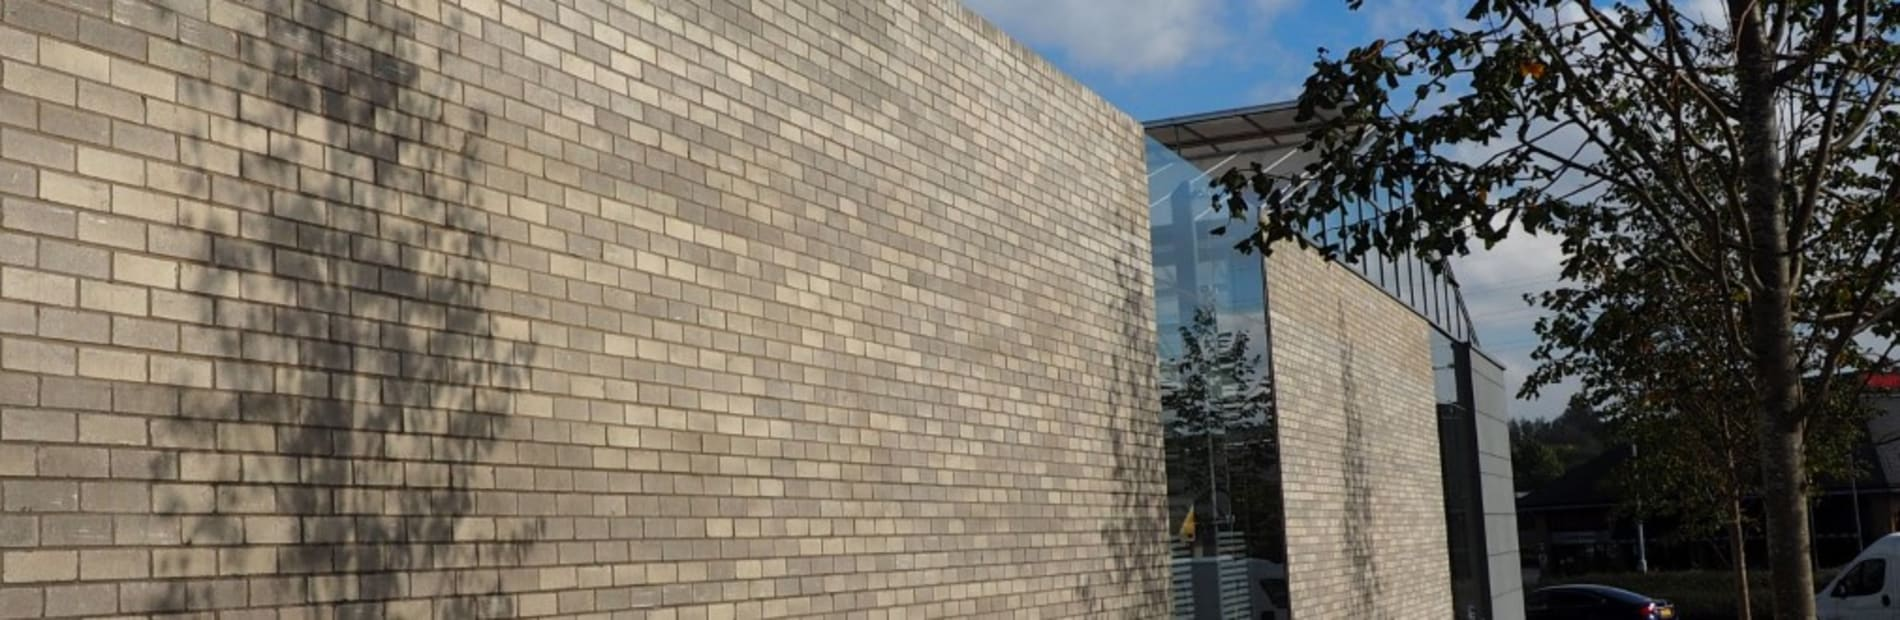 Building made with Edenhall bricks